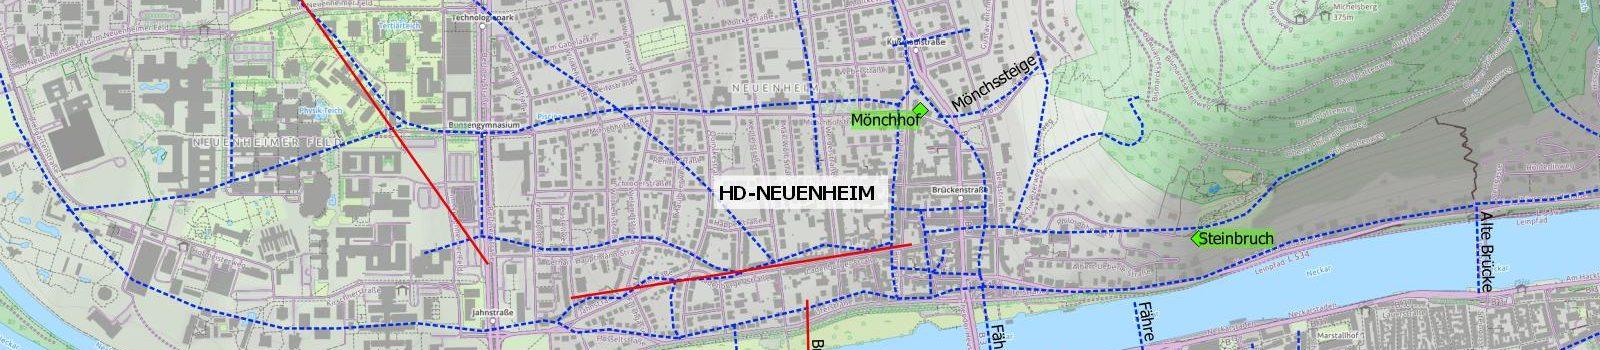 Fun with Maps (Teil 9) – Historische Karte auf modernem Stadtgrundriss